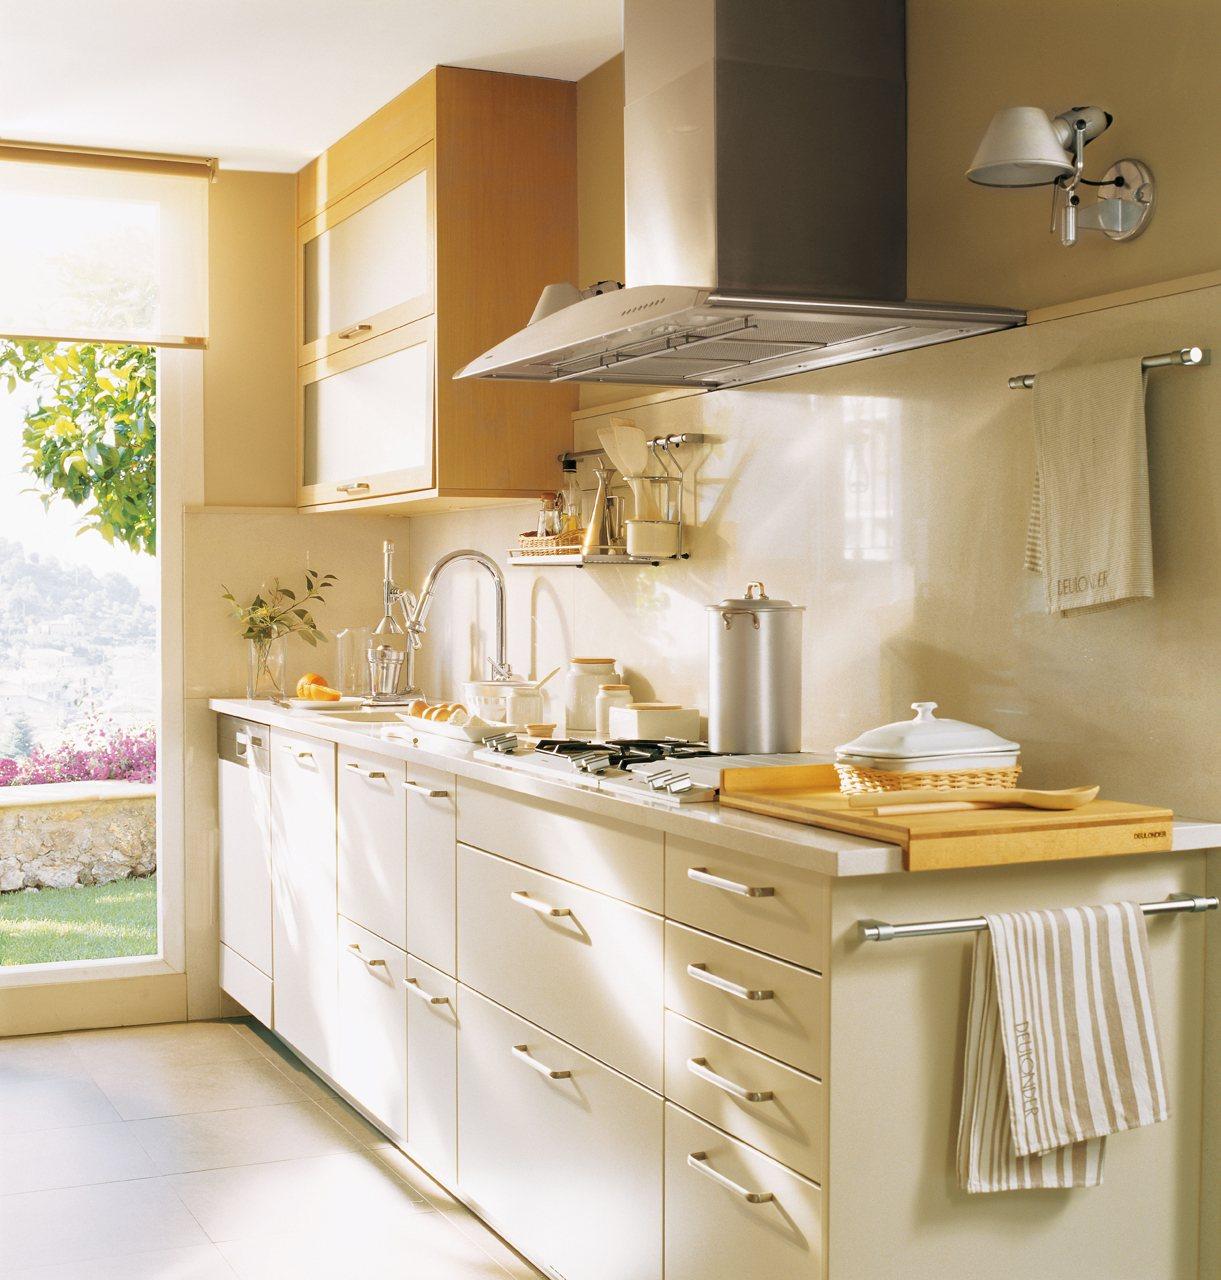 20 fotos de cocinas pequeñas bien aprovechadas 5a08fbe88bed